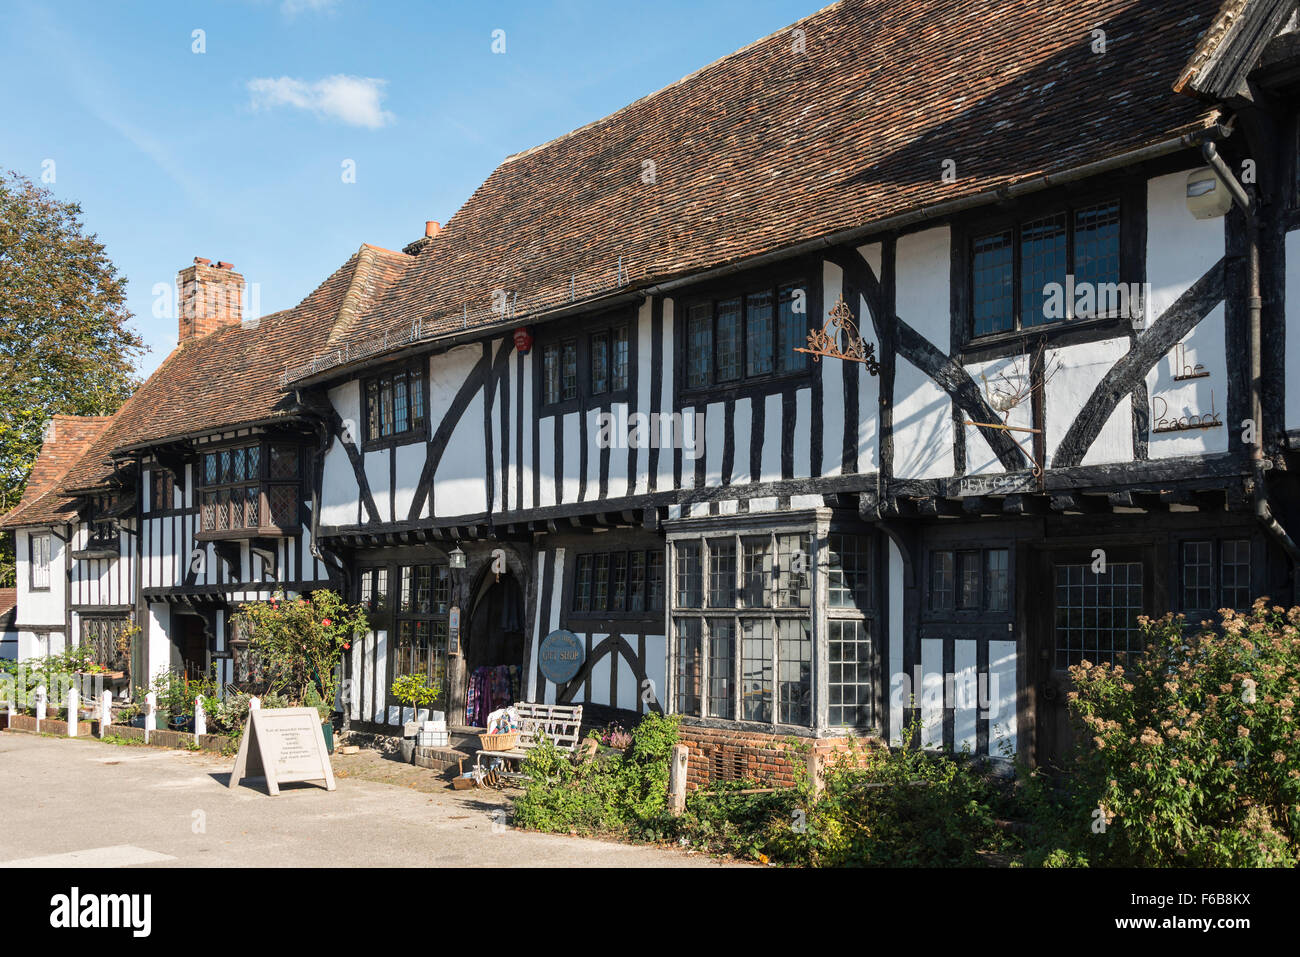 Cadeaux Tudor Cottage, Chilham Square, Chilham, Kent, Angleterre, Royaume-Uni Banque D'Images